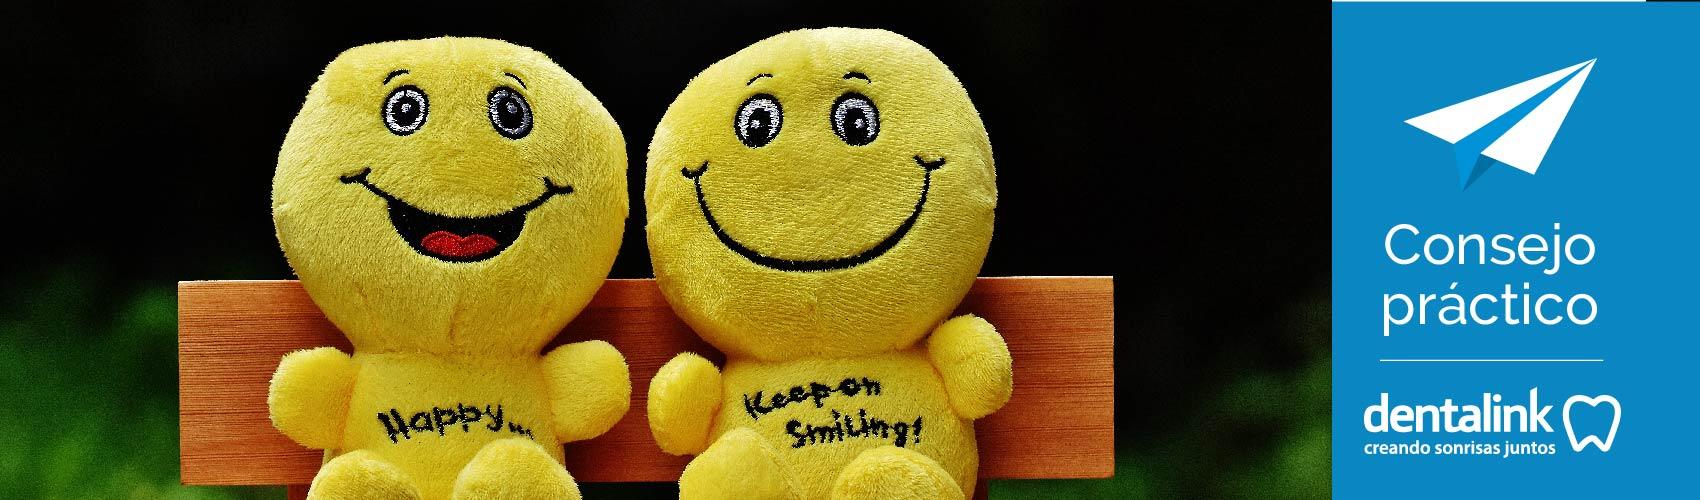 Frases para inspirar a tus pacientes a sonreír